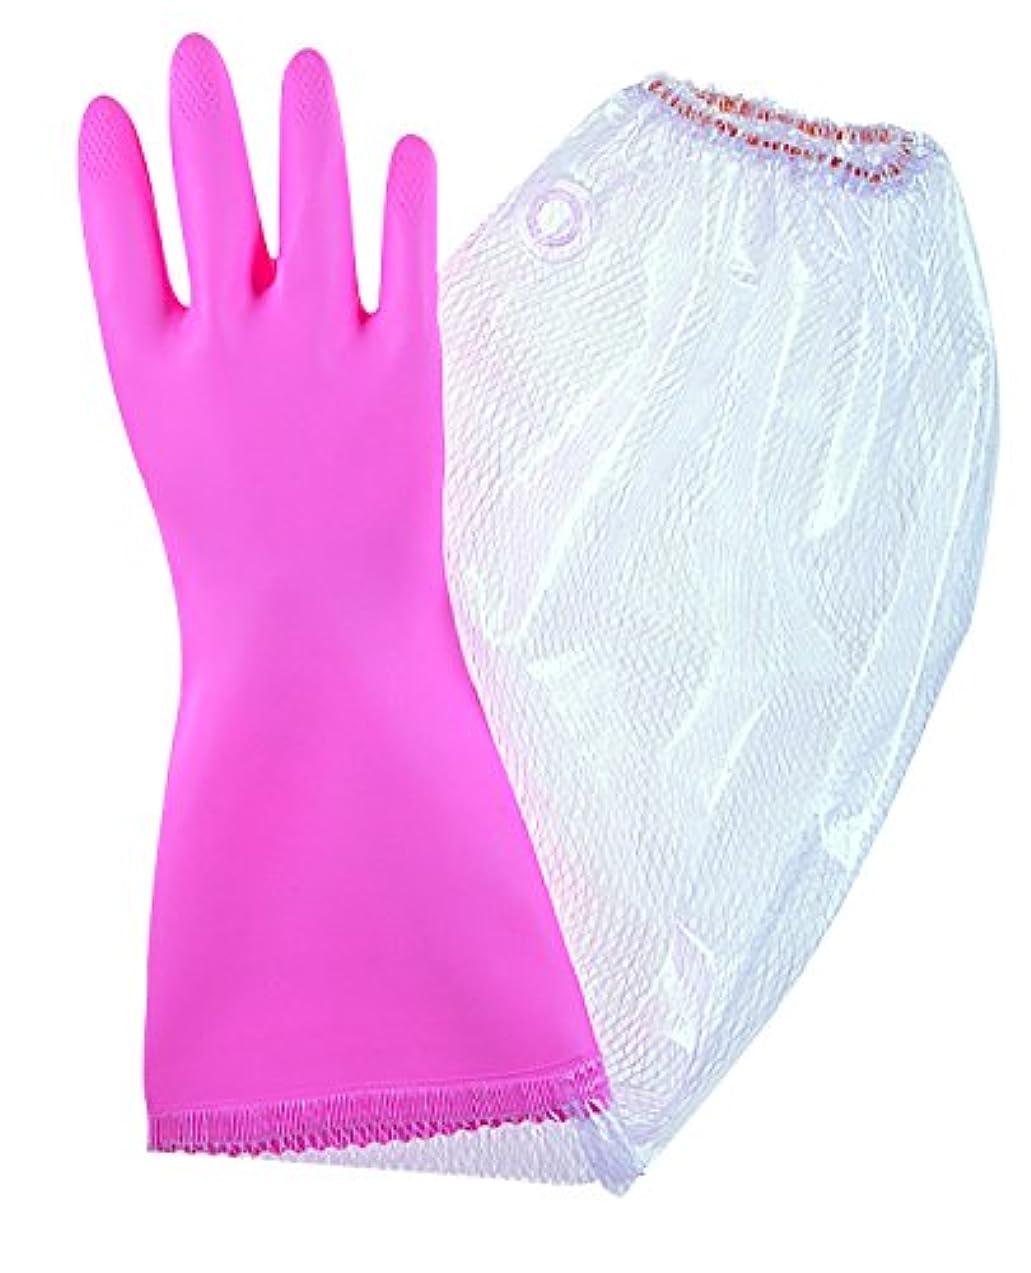 させるいちゃつく詩人東和コーポレーション 《掃除用手袋》 ビニスター腕カバー付フルールあつ手 ピンク Mサイズ No.721